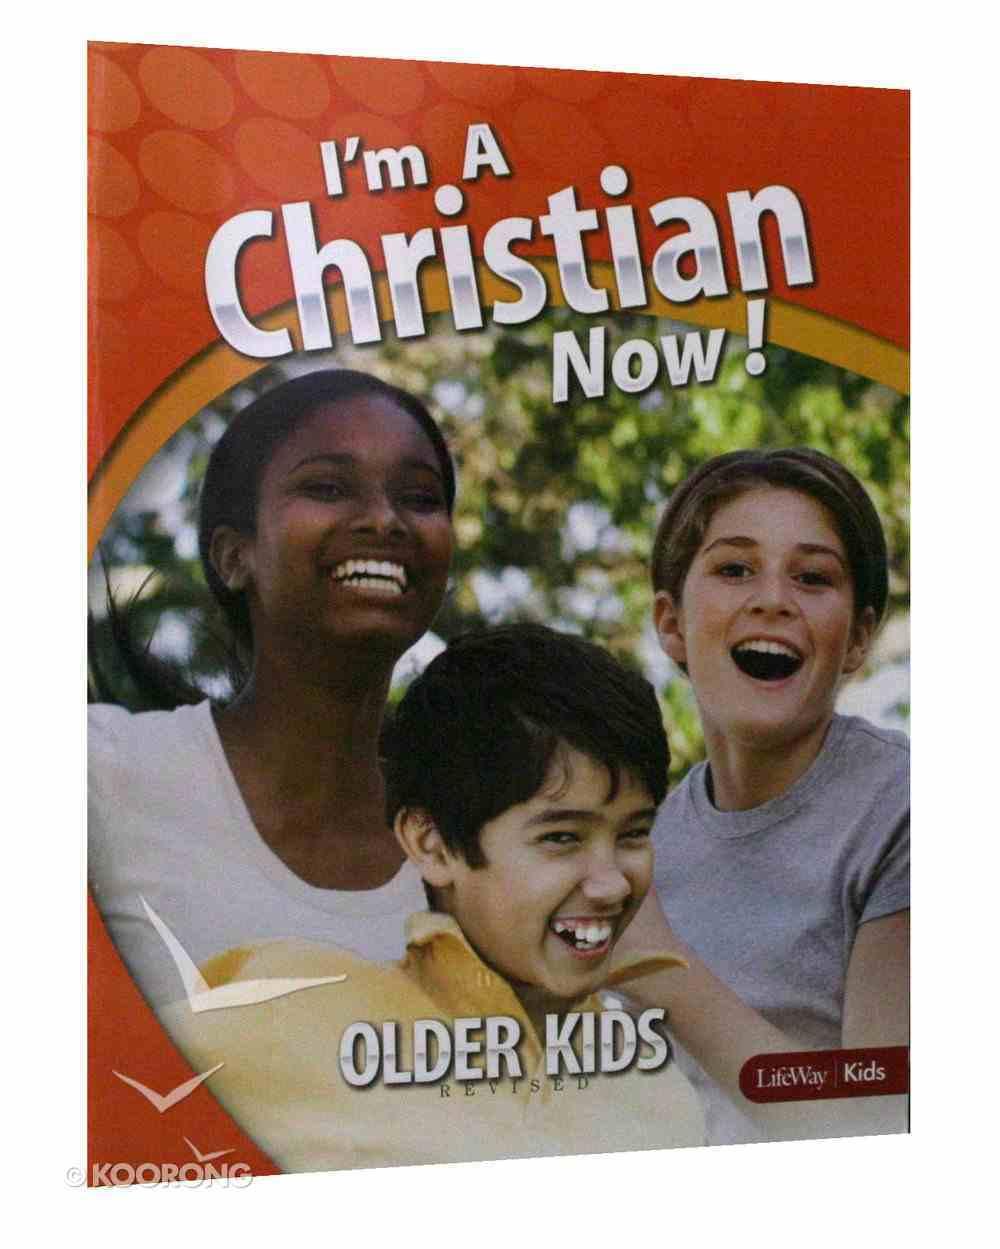 I'm a Christian Now! (Grade 4-6) (Older Kids) Paperback